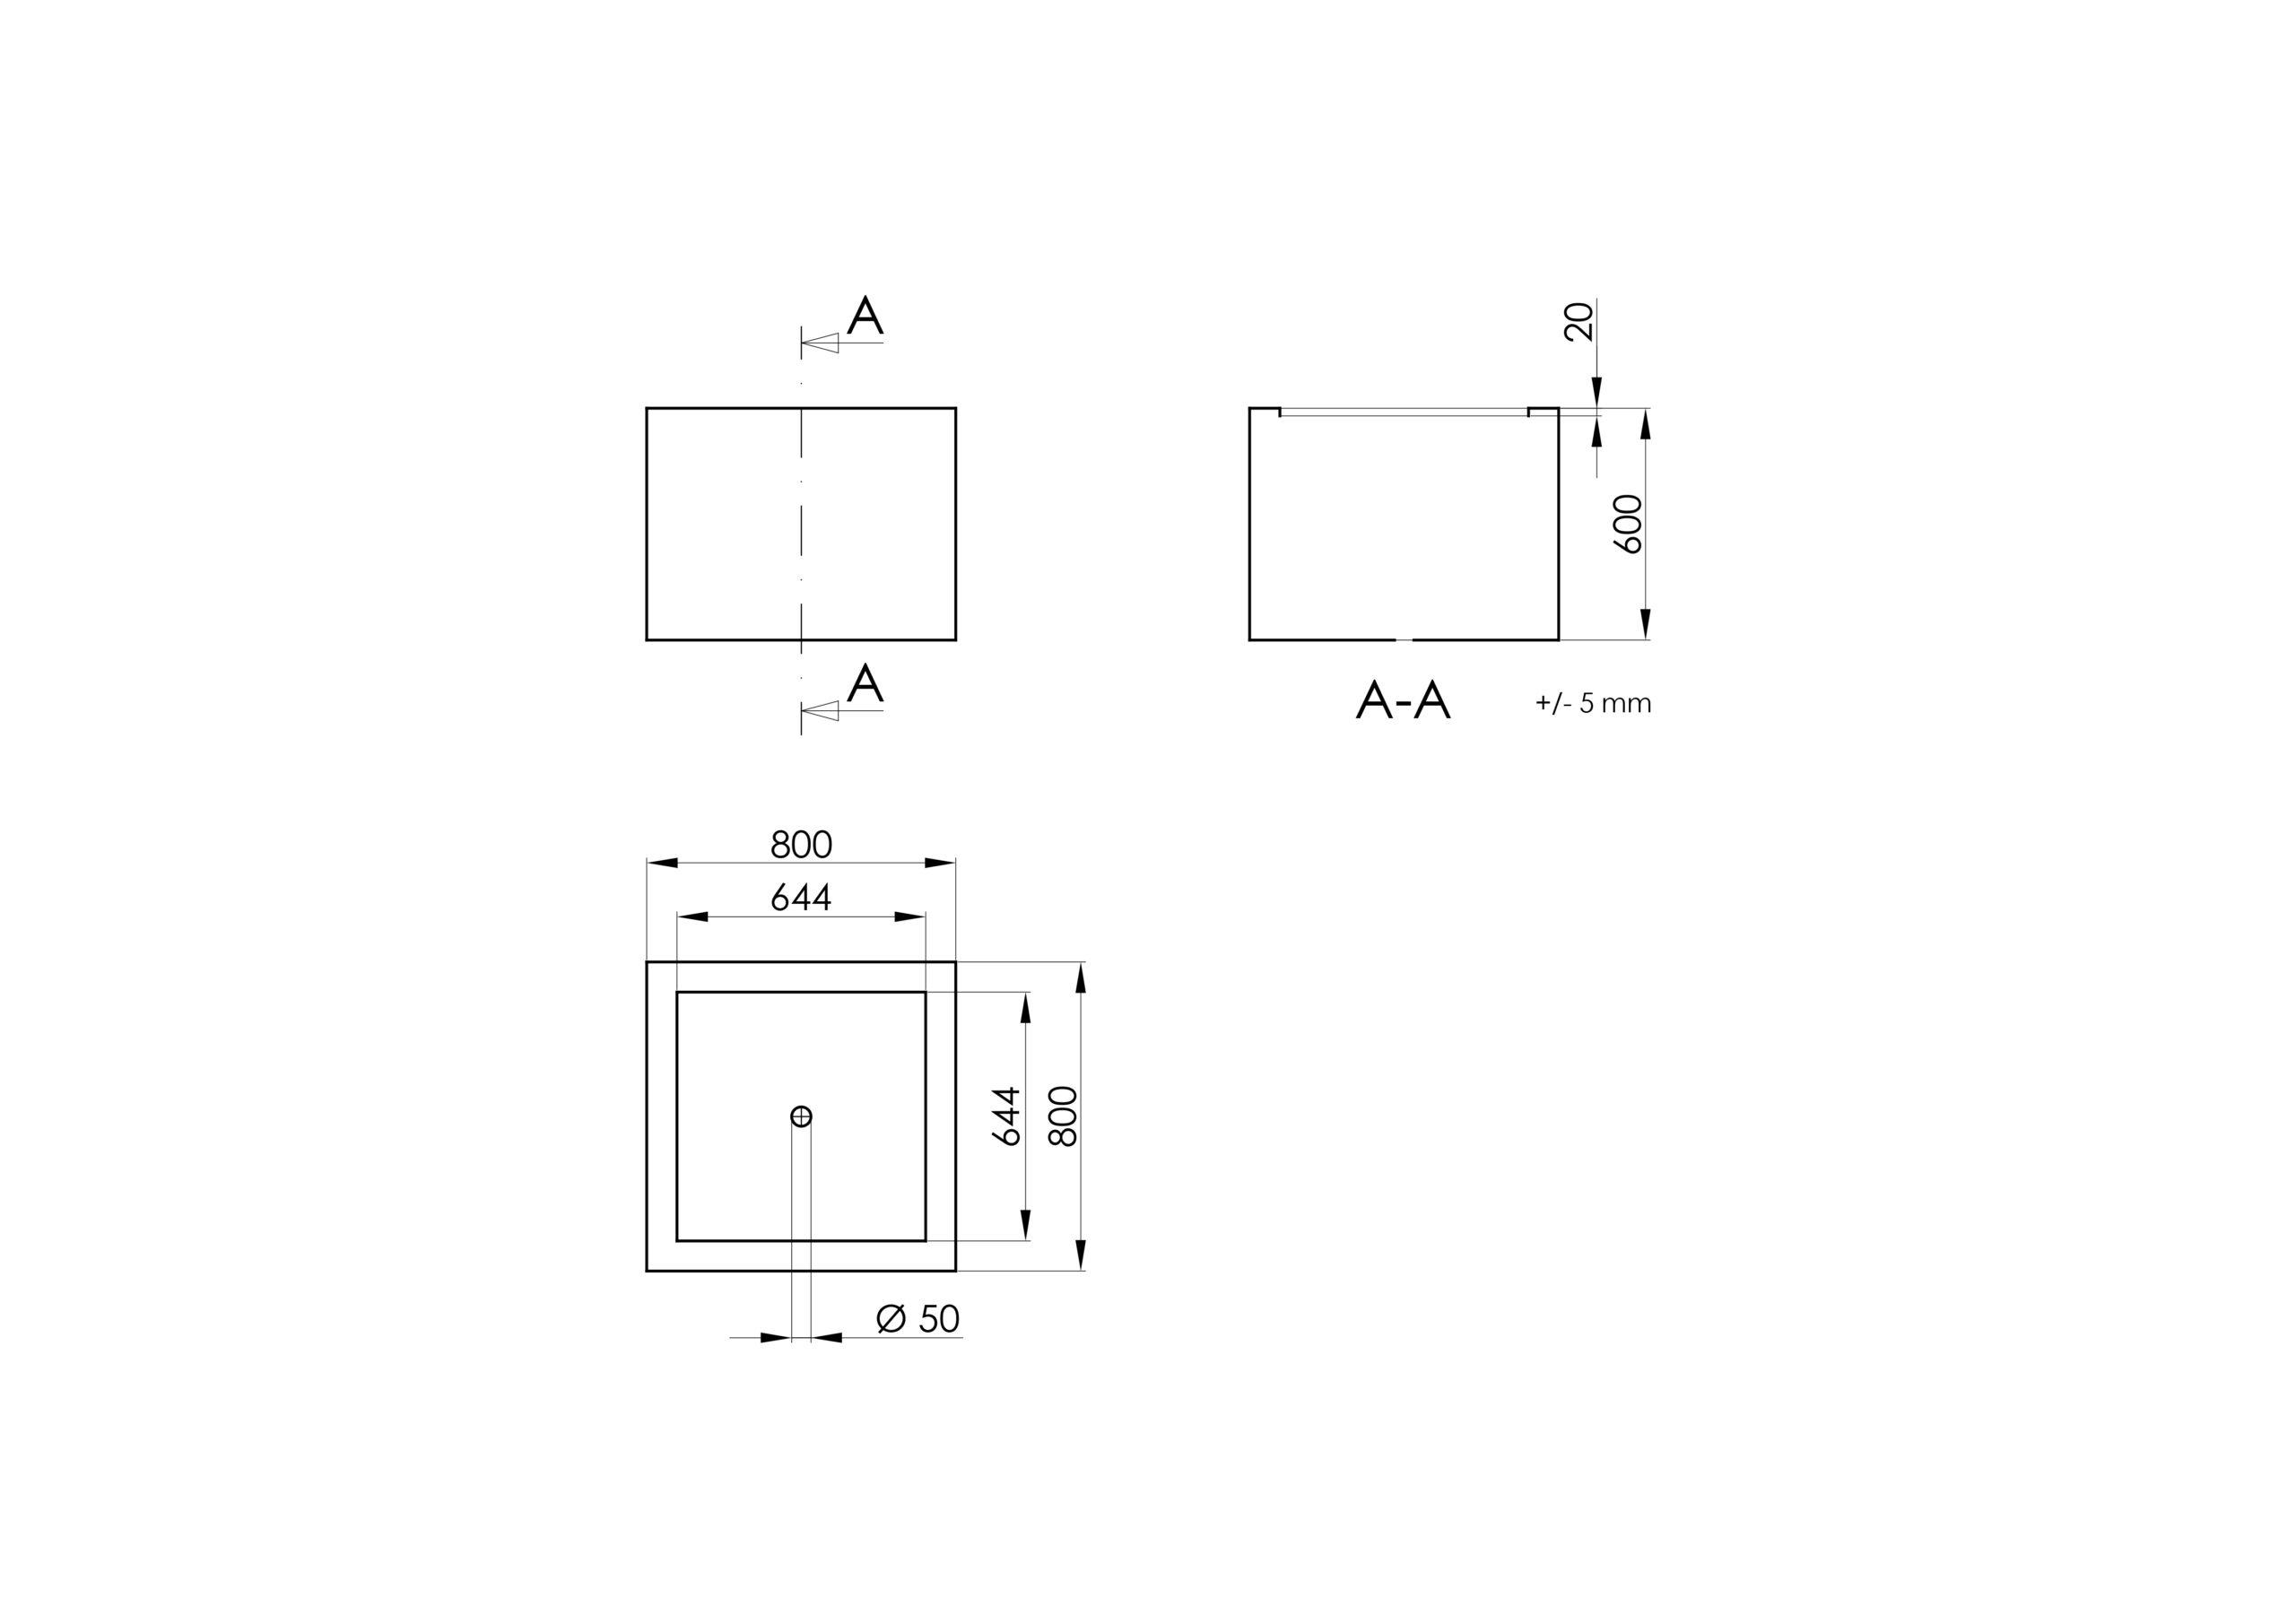 Antonio 5 - Technisches Zeichnen